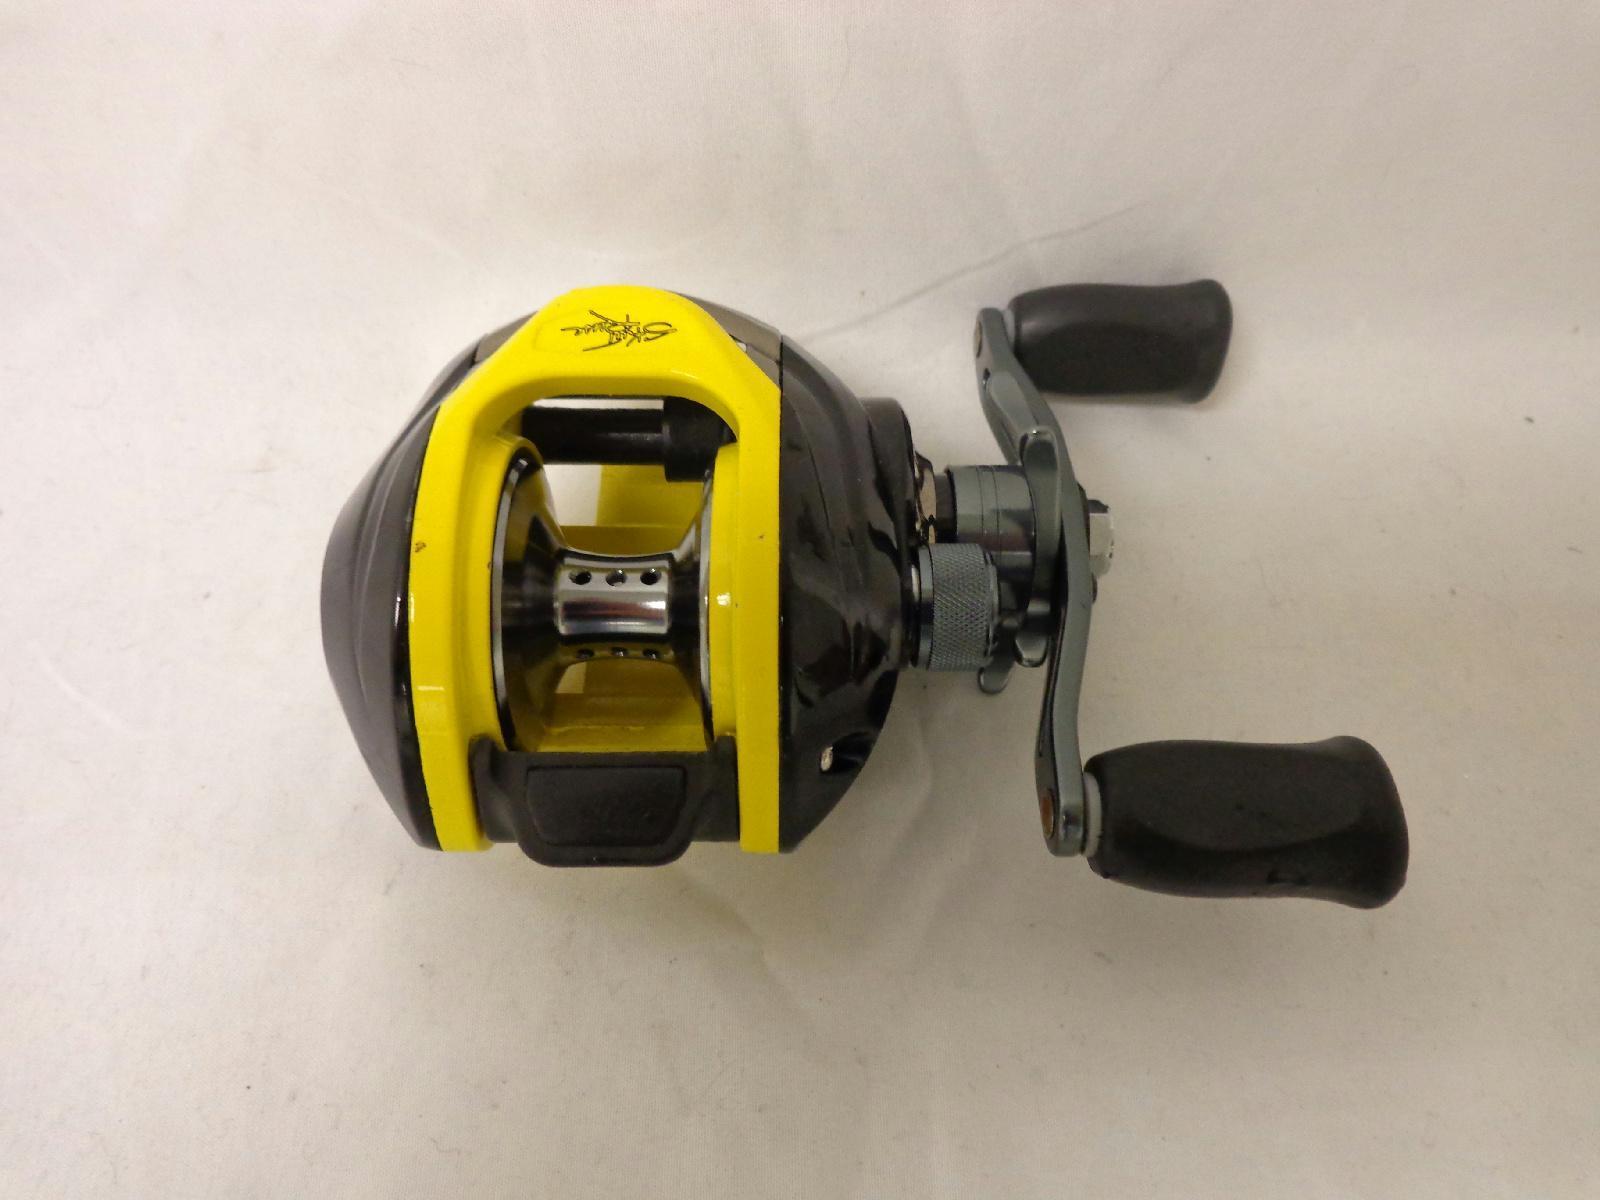 Skeet reese 6 2 1 gear ratio baitcaster fishing reel black for Fishing reels baitcaster